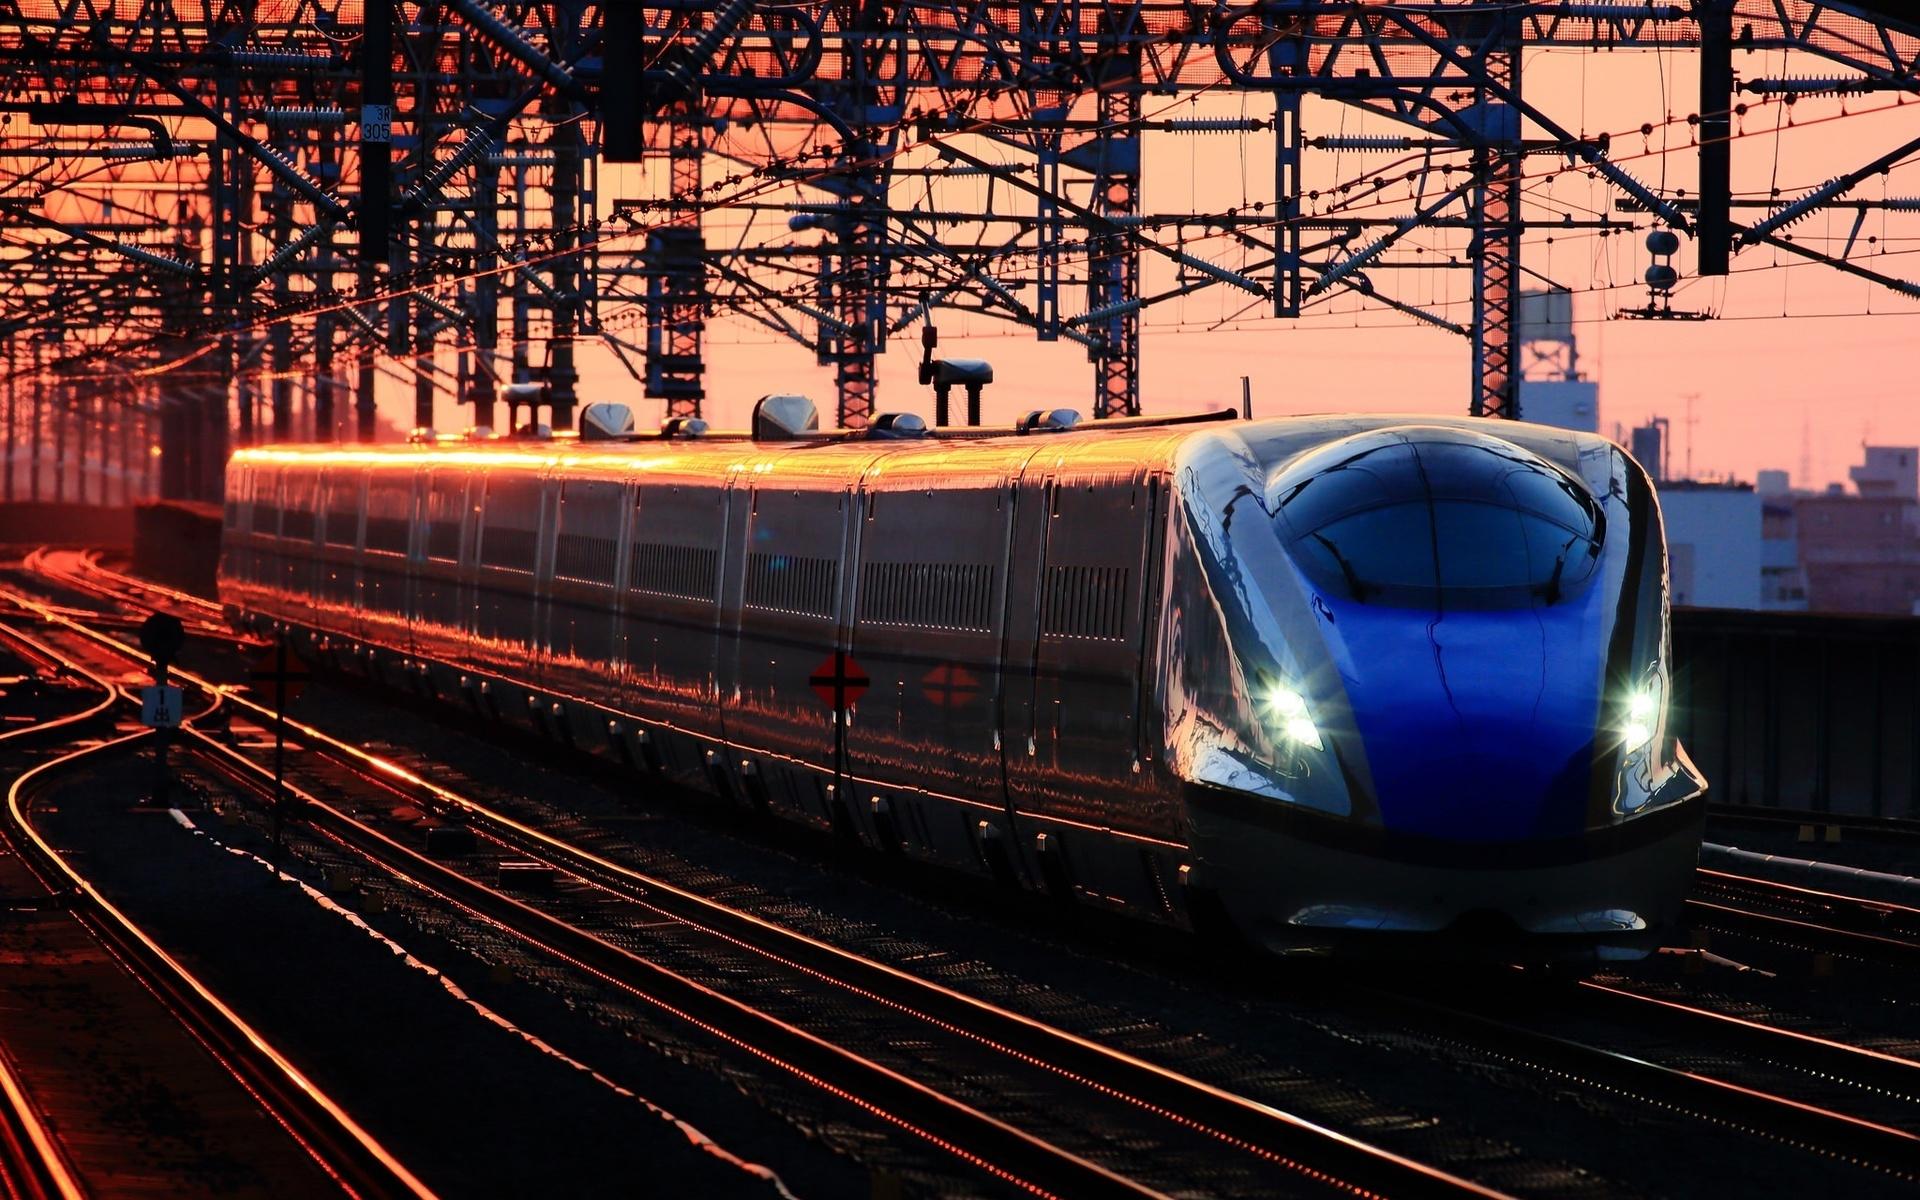 поезд красивые картинки дивчина